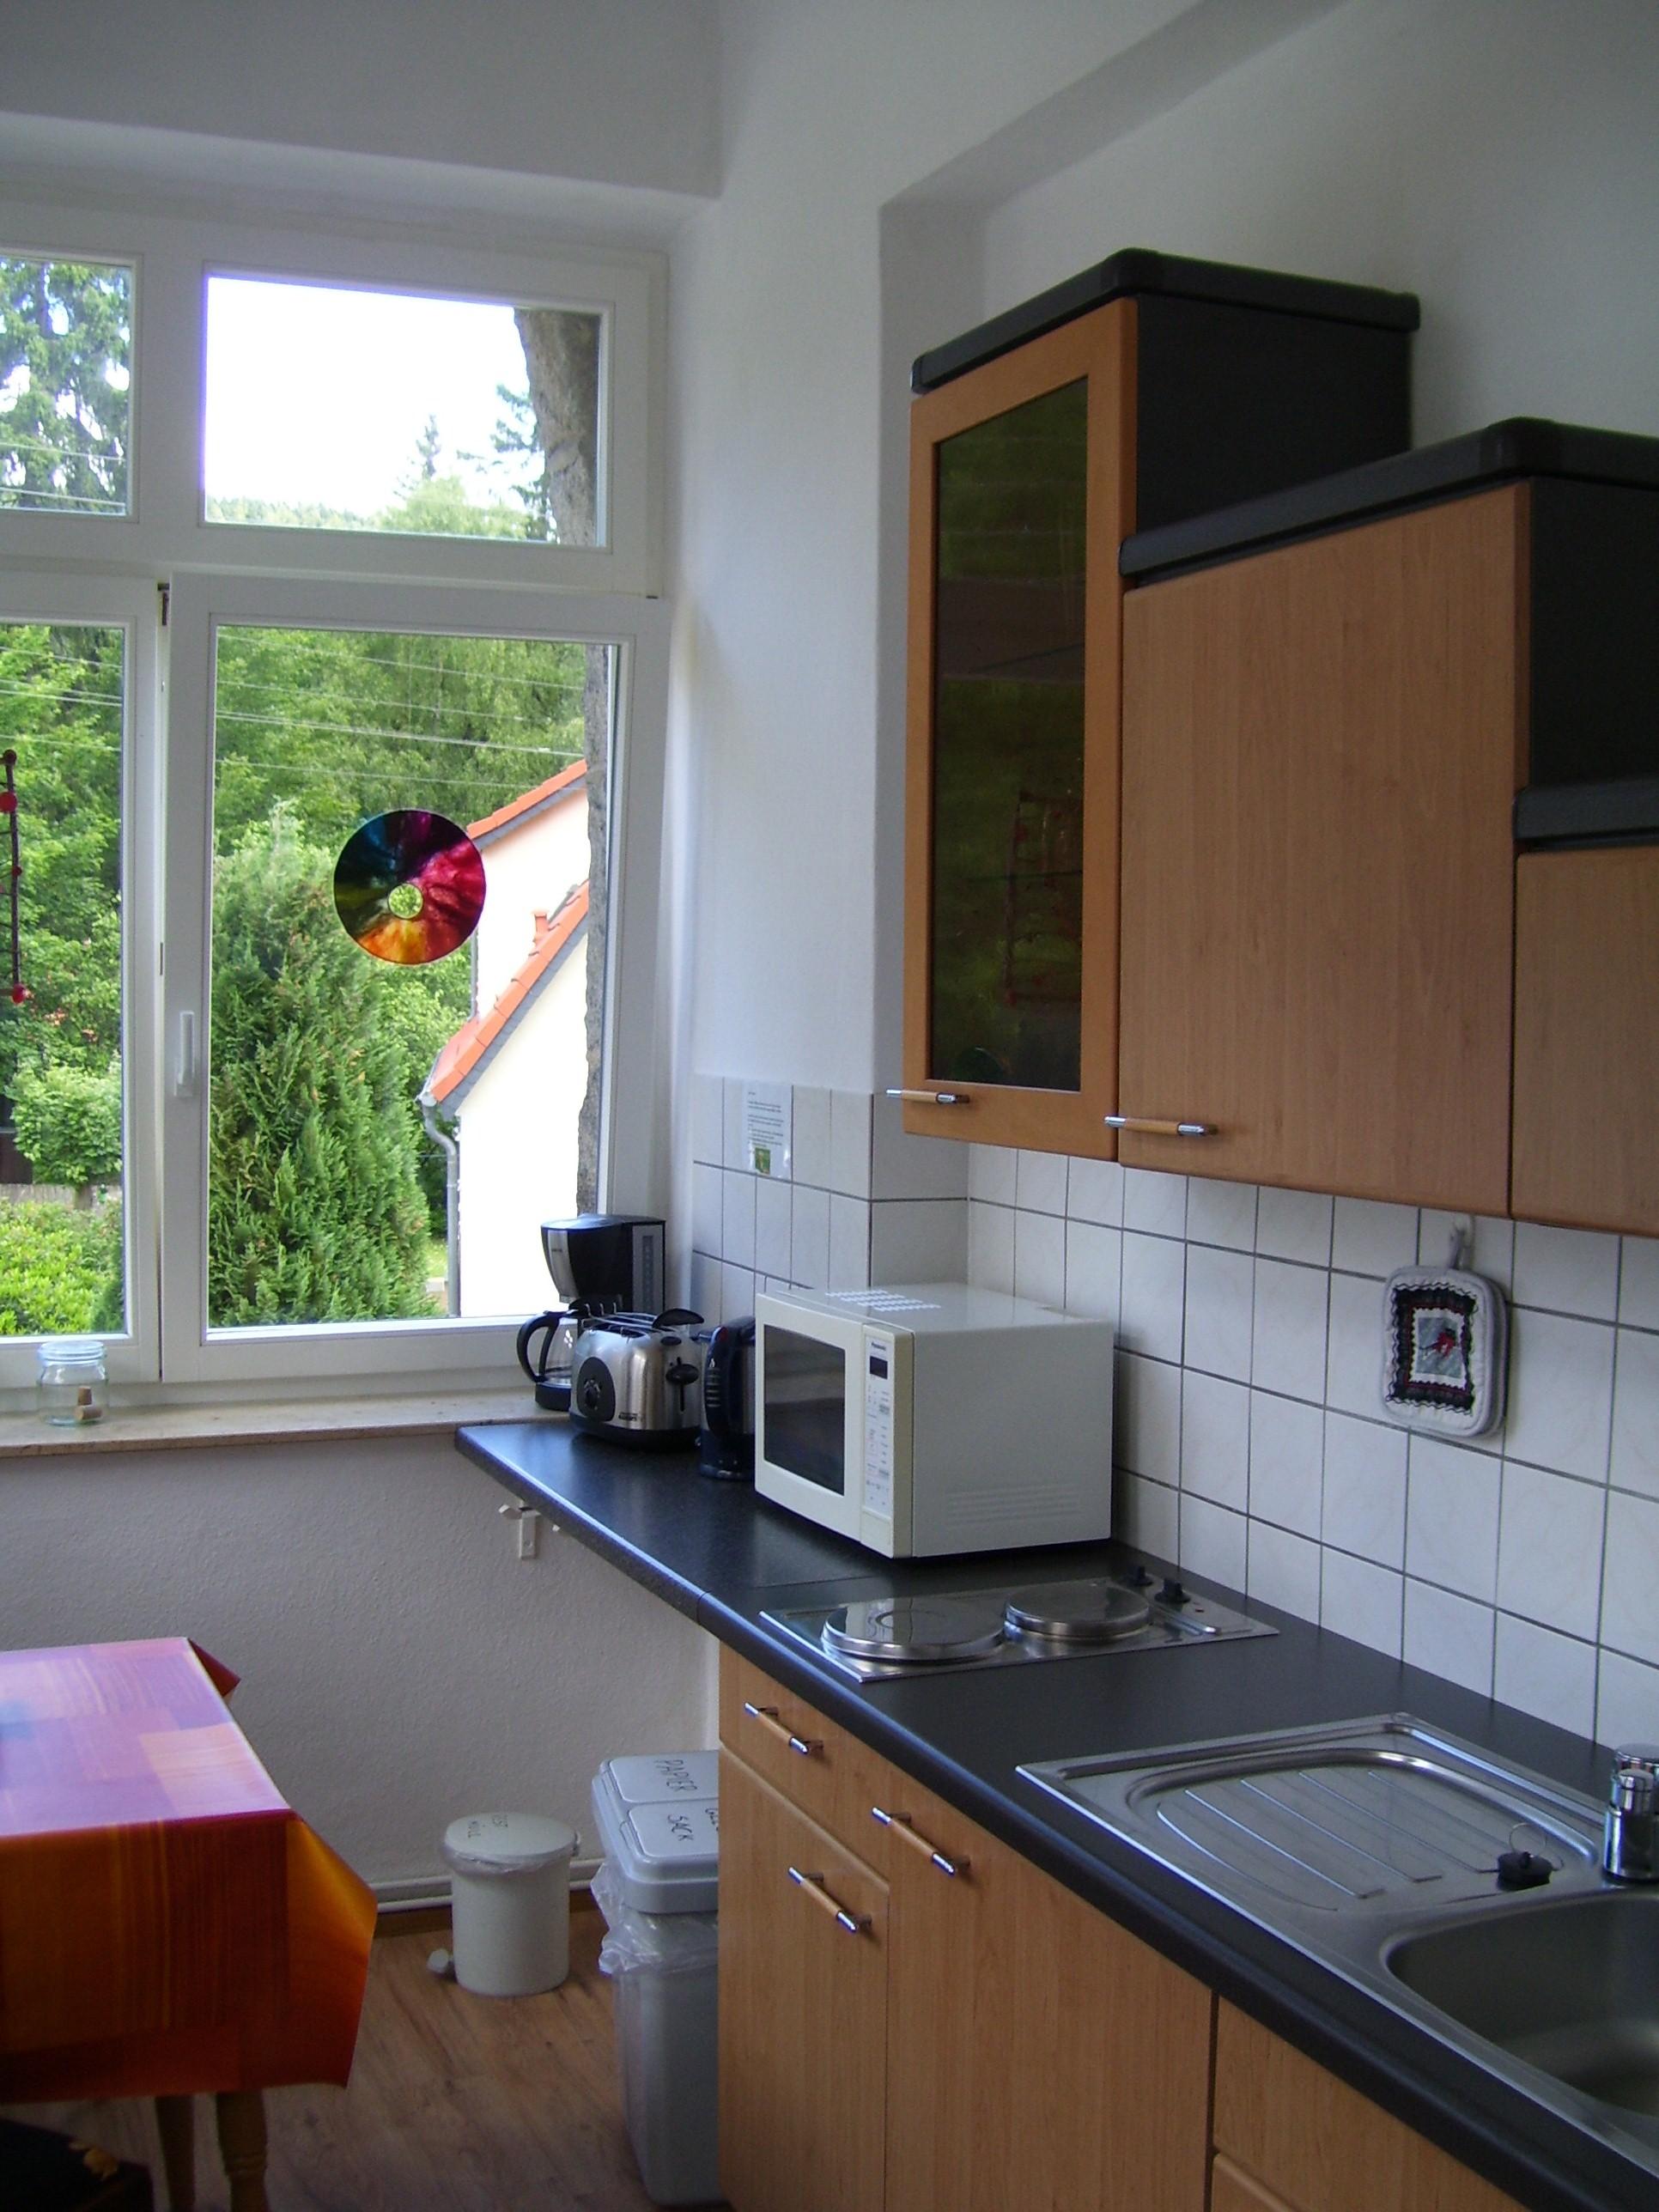 Friedegerns Ferienwohnungen in Schierke - Küche